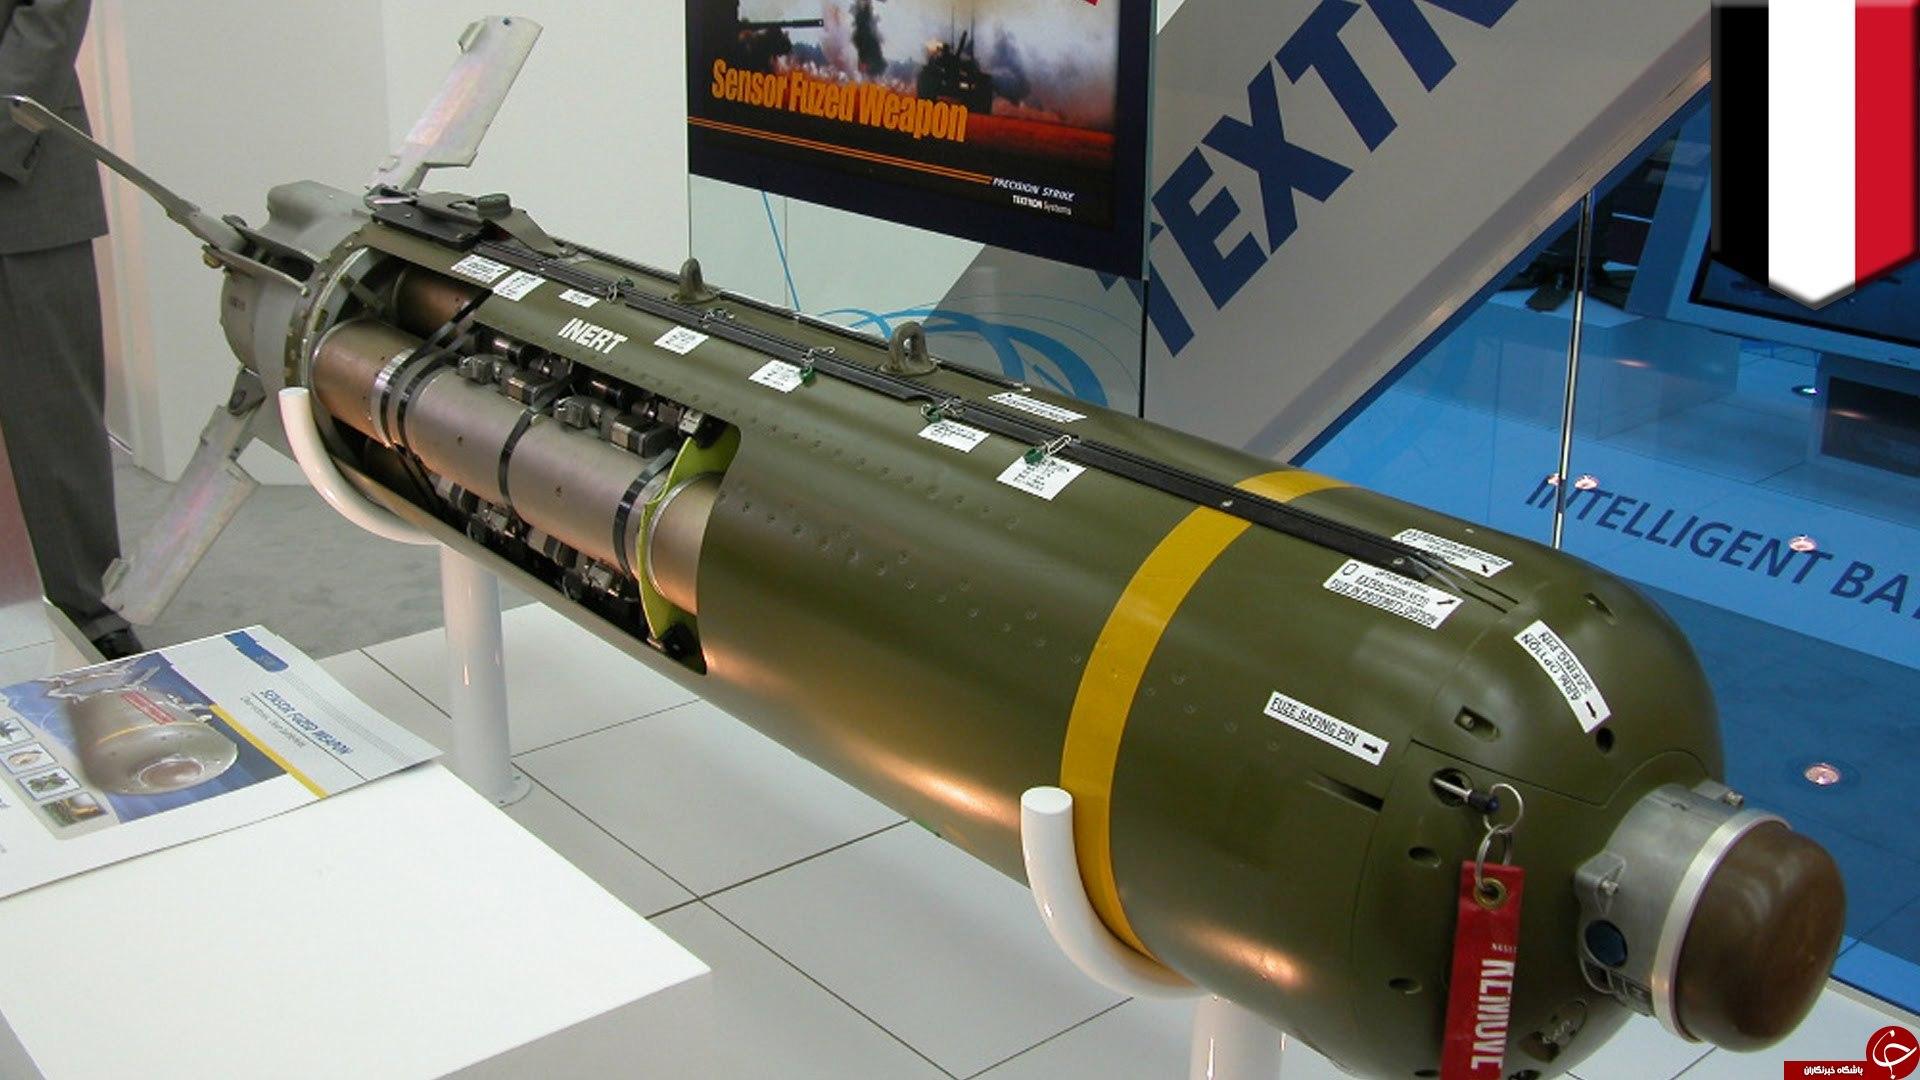 موشکی که همزمان 40 تانک را نابود می کند + فیلم و تصاویر